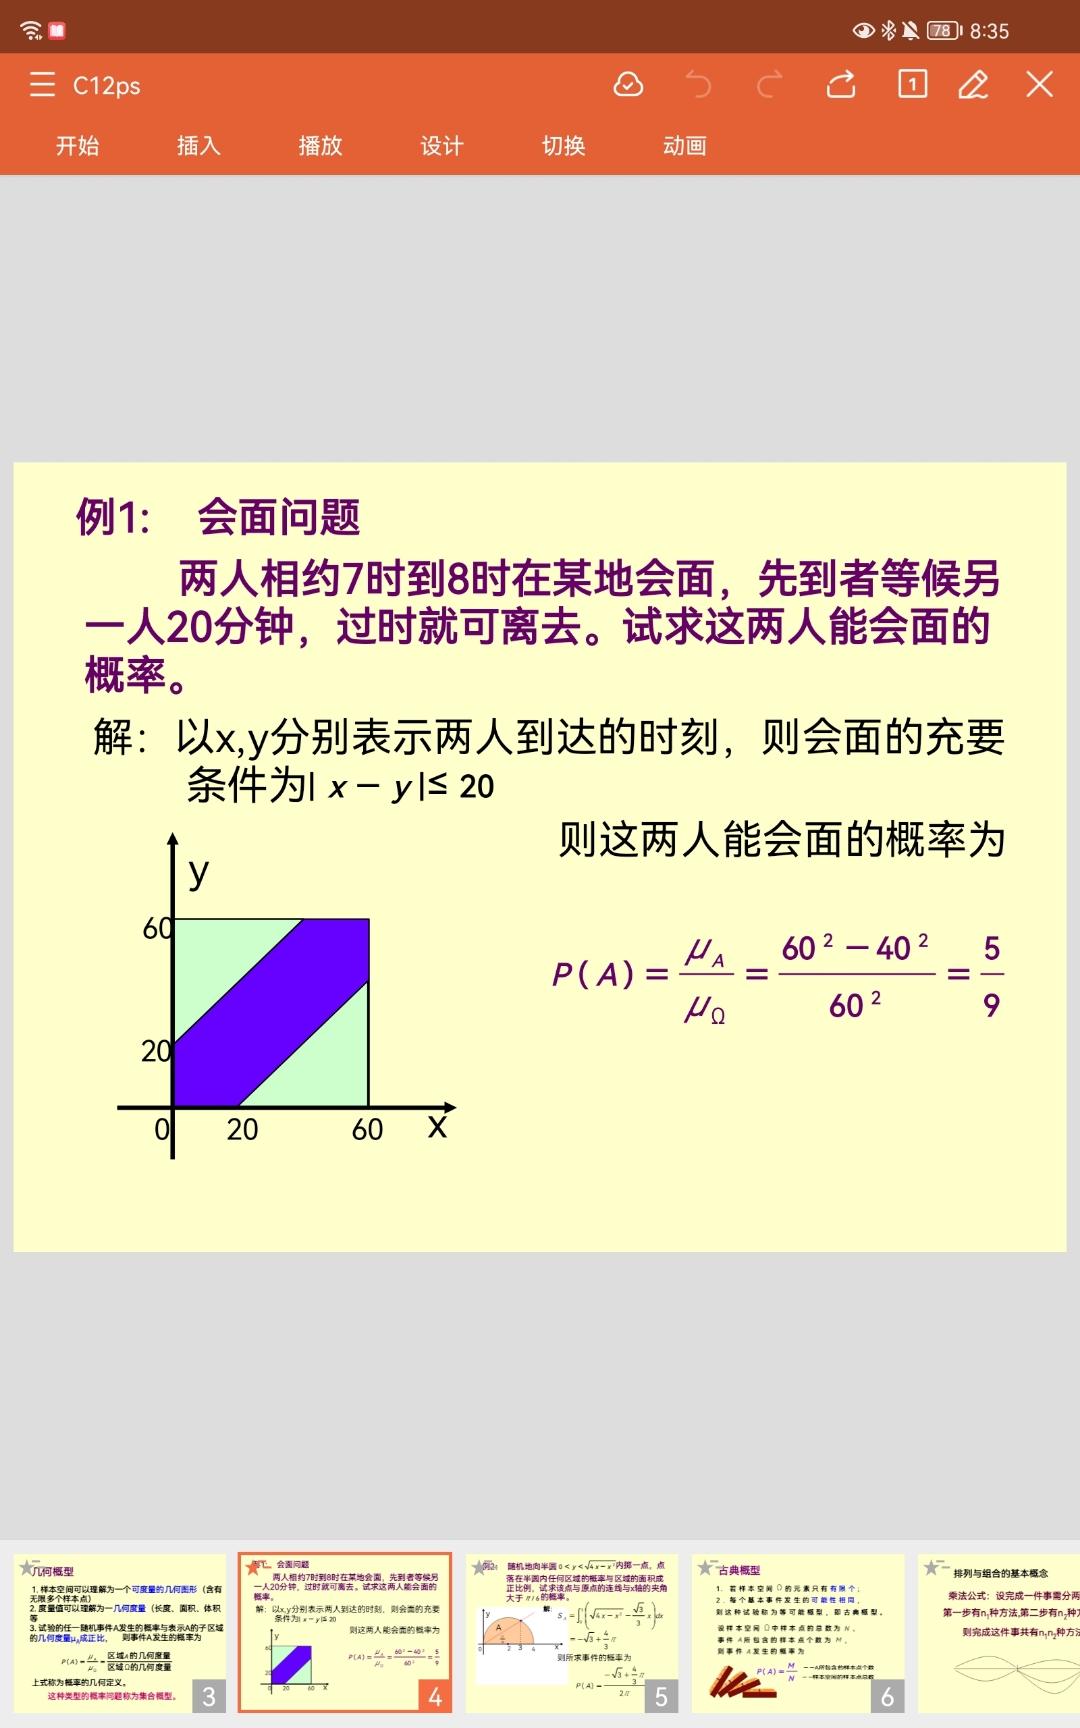 Screenshot_20210909_083503_cn.wps.moffice_eng.jpg